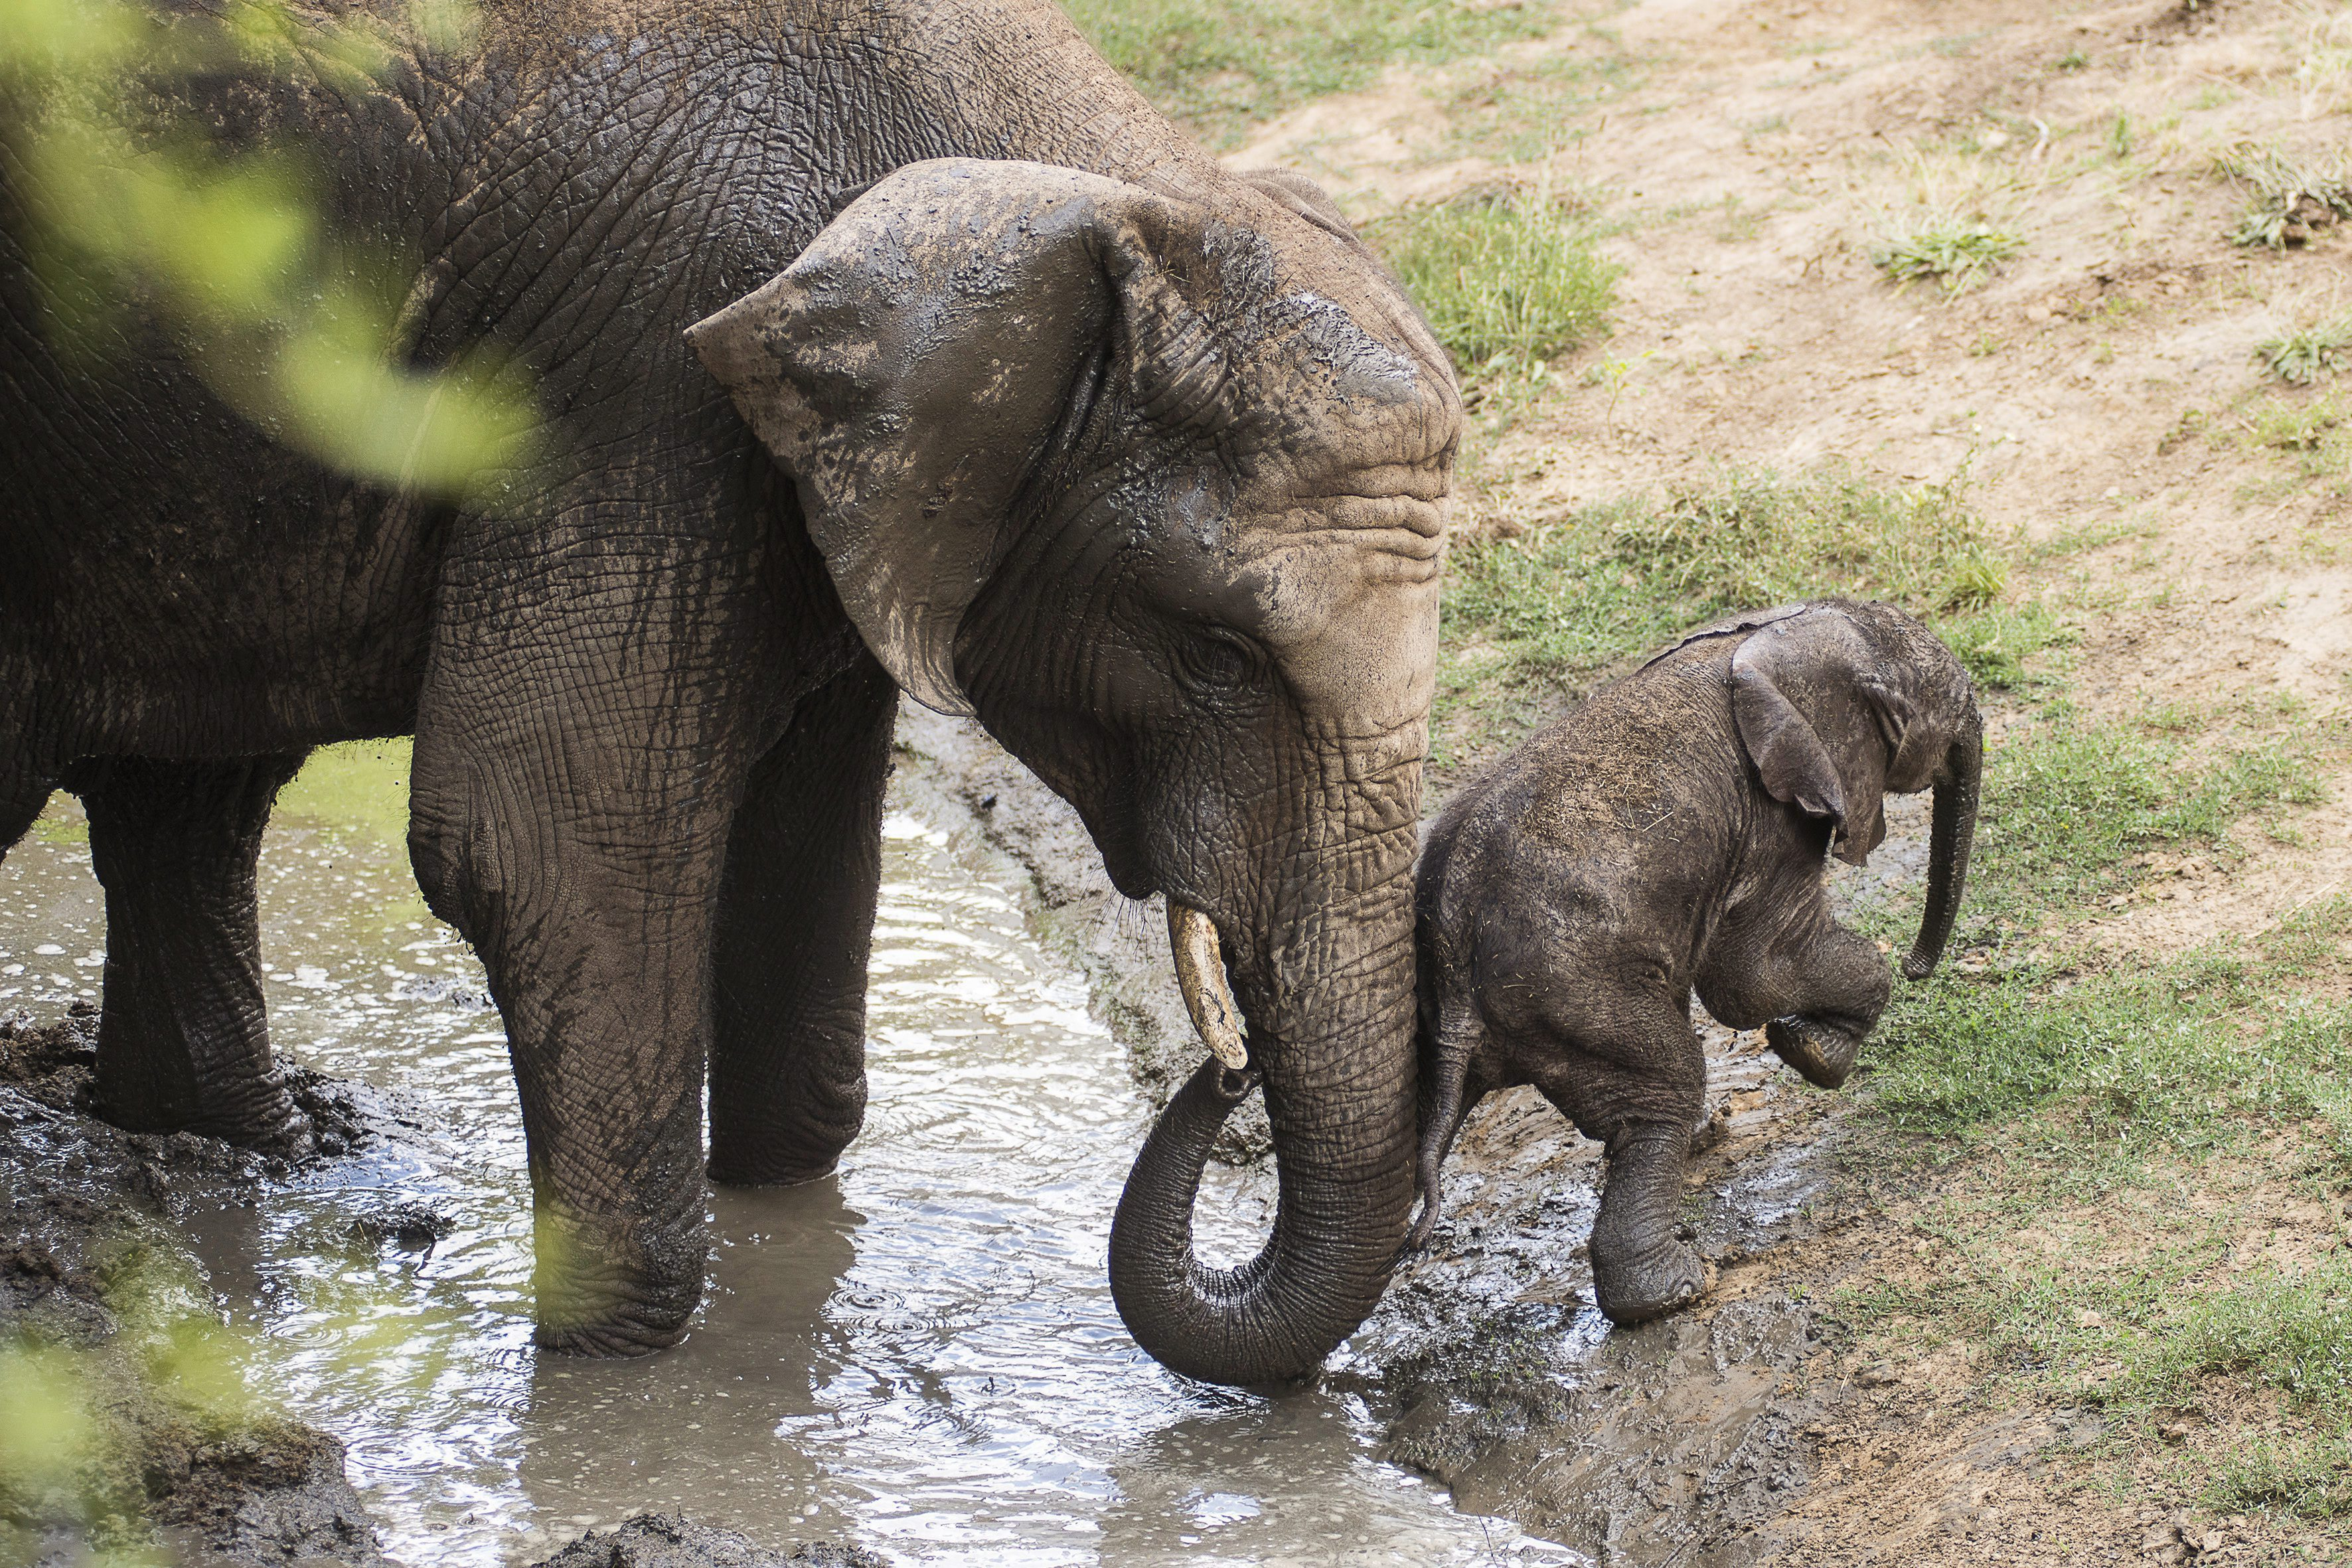 afrikai elefánt, elefánt bébi